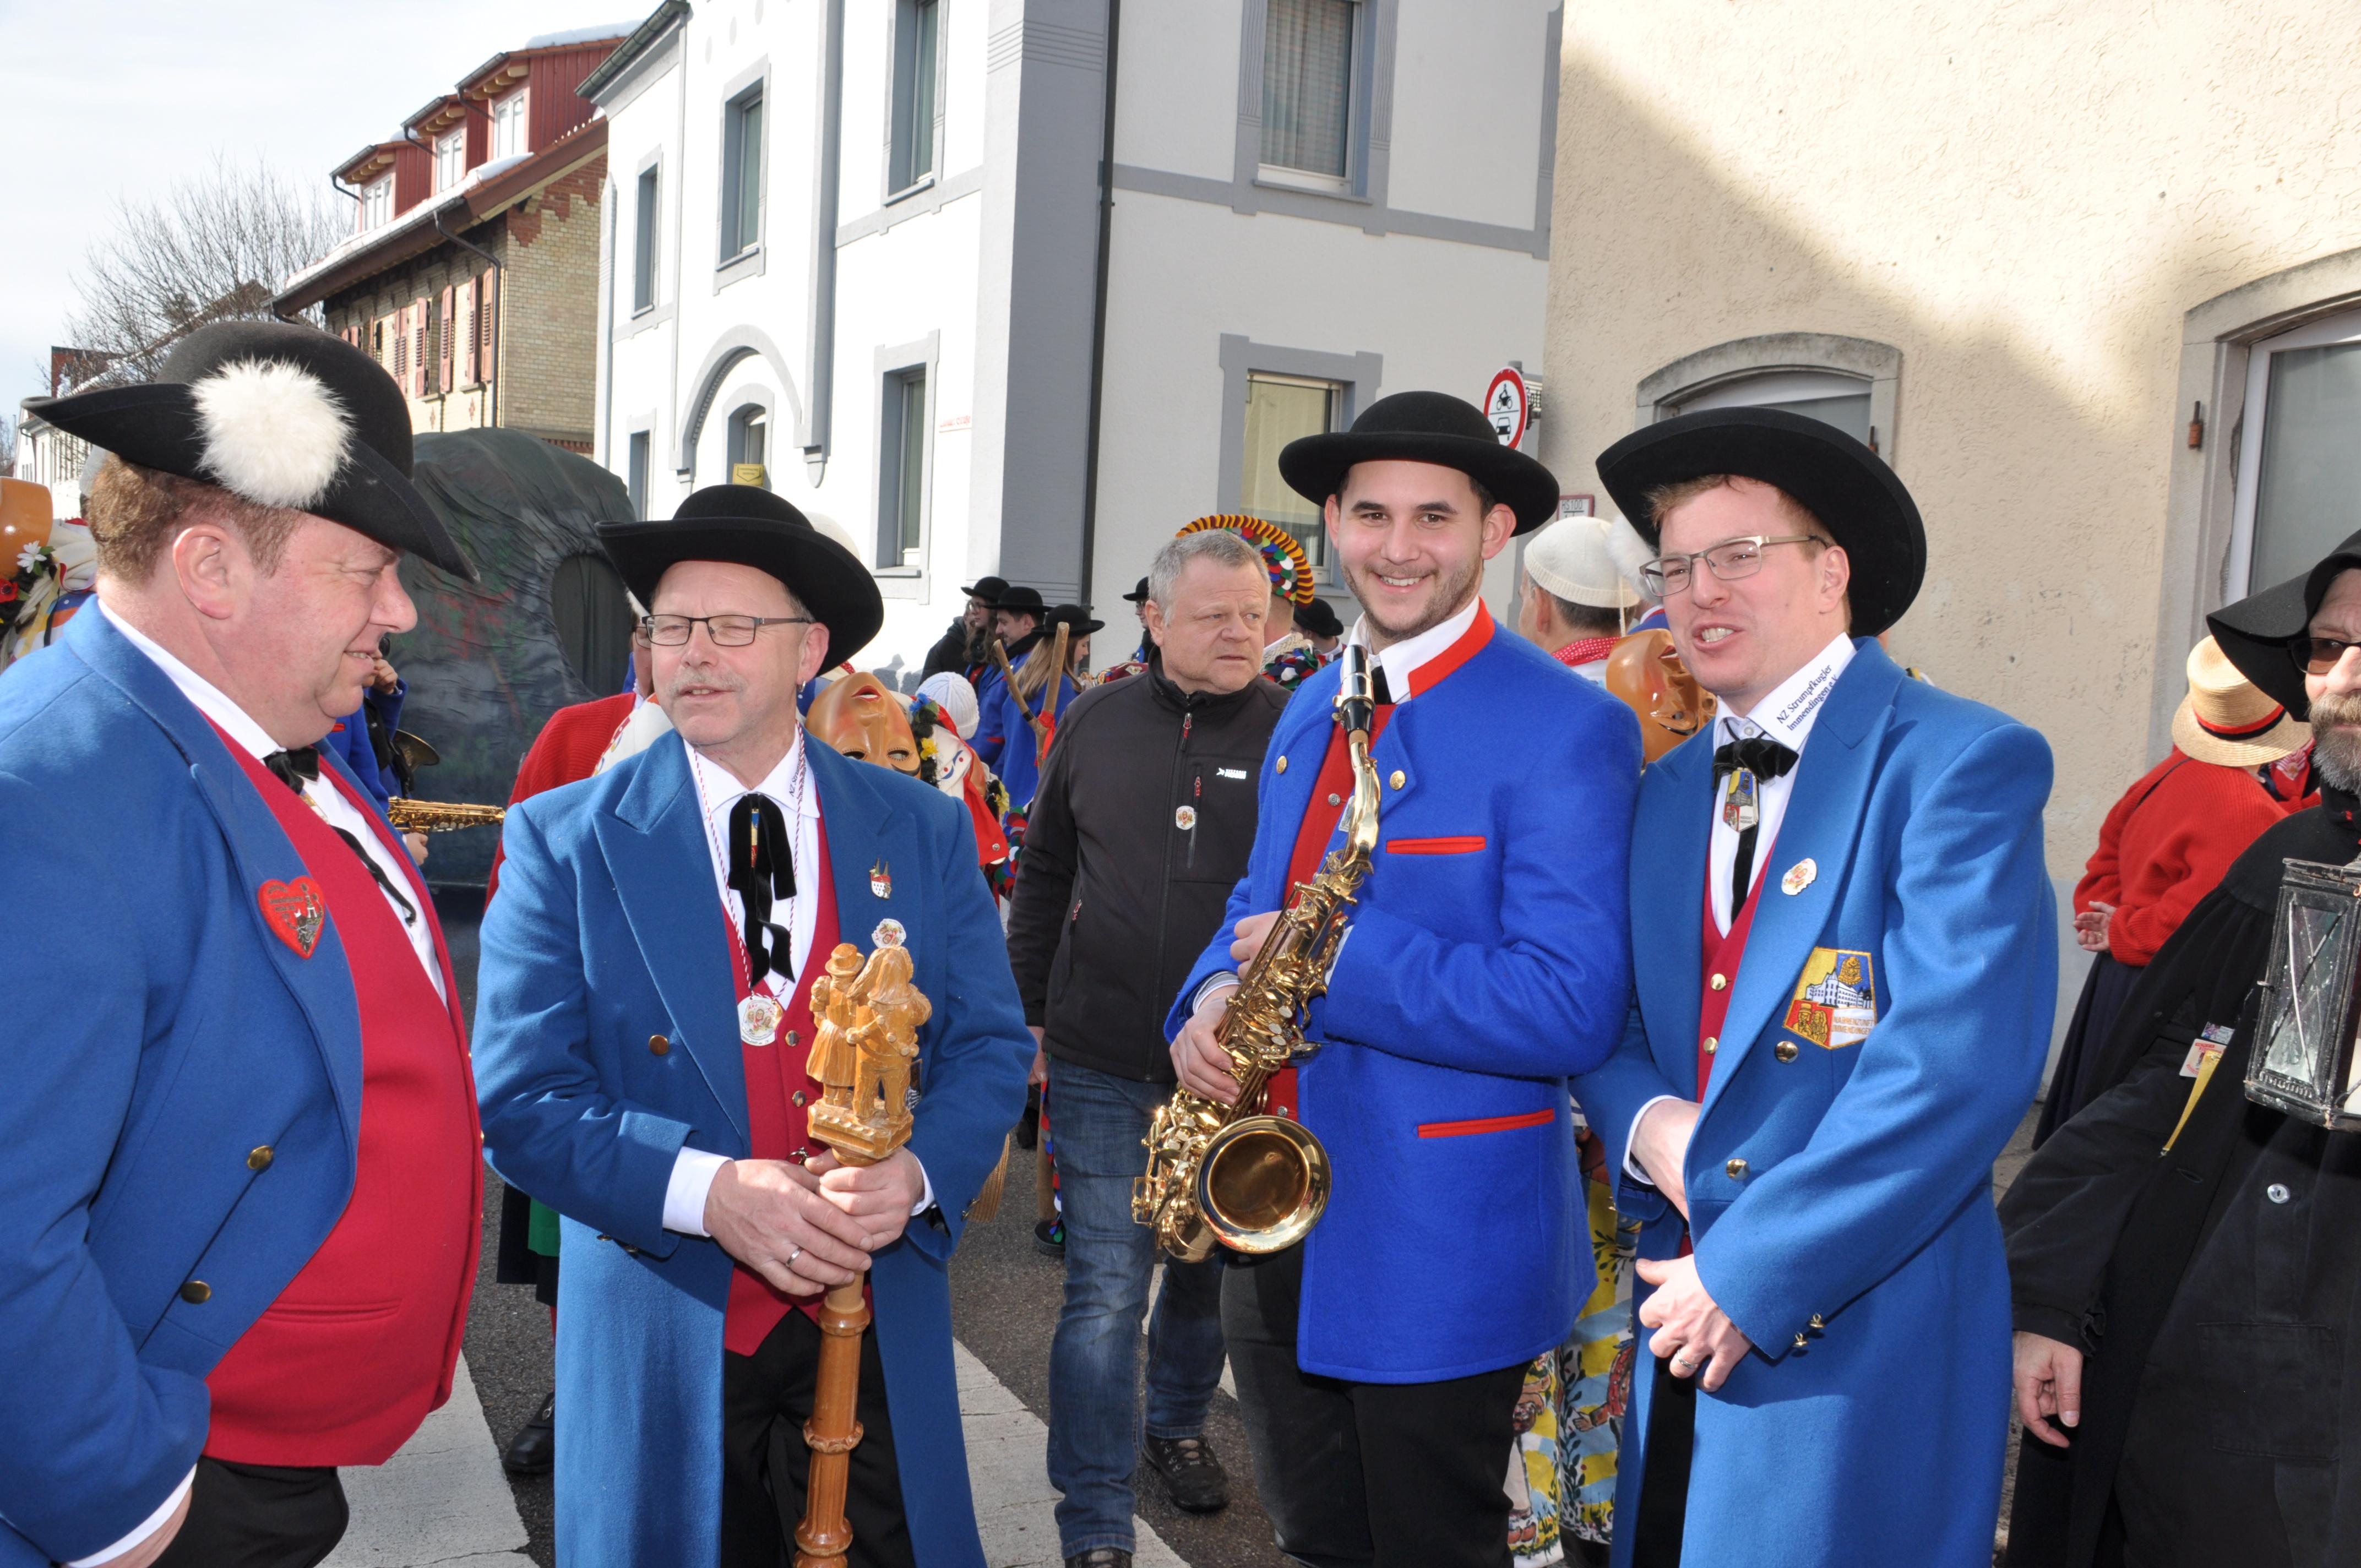 Narrentreffen-Wangen-im-Allgäu-024